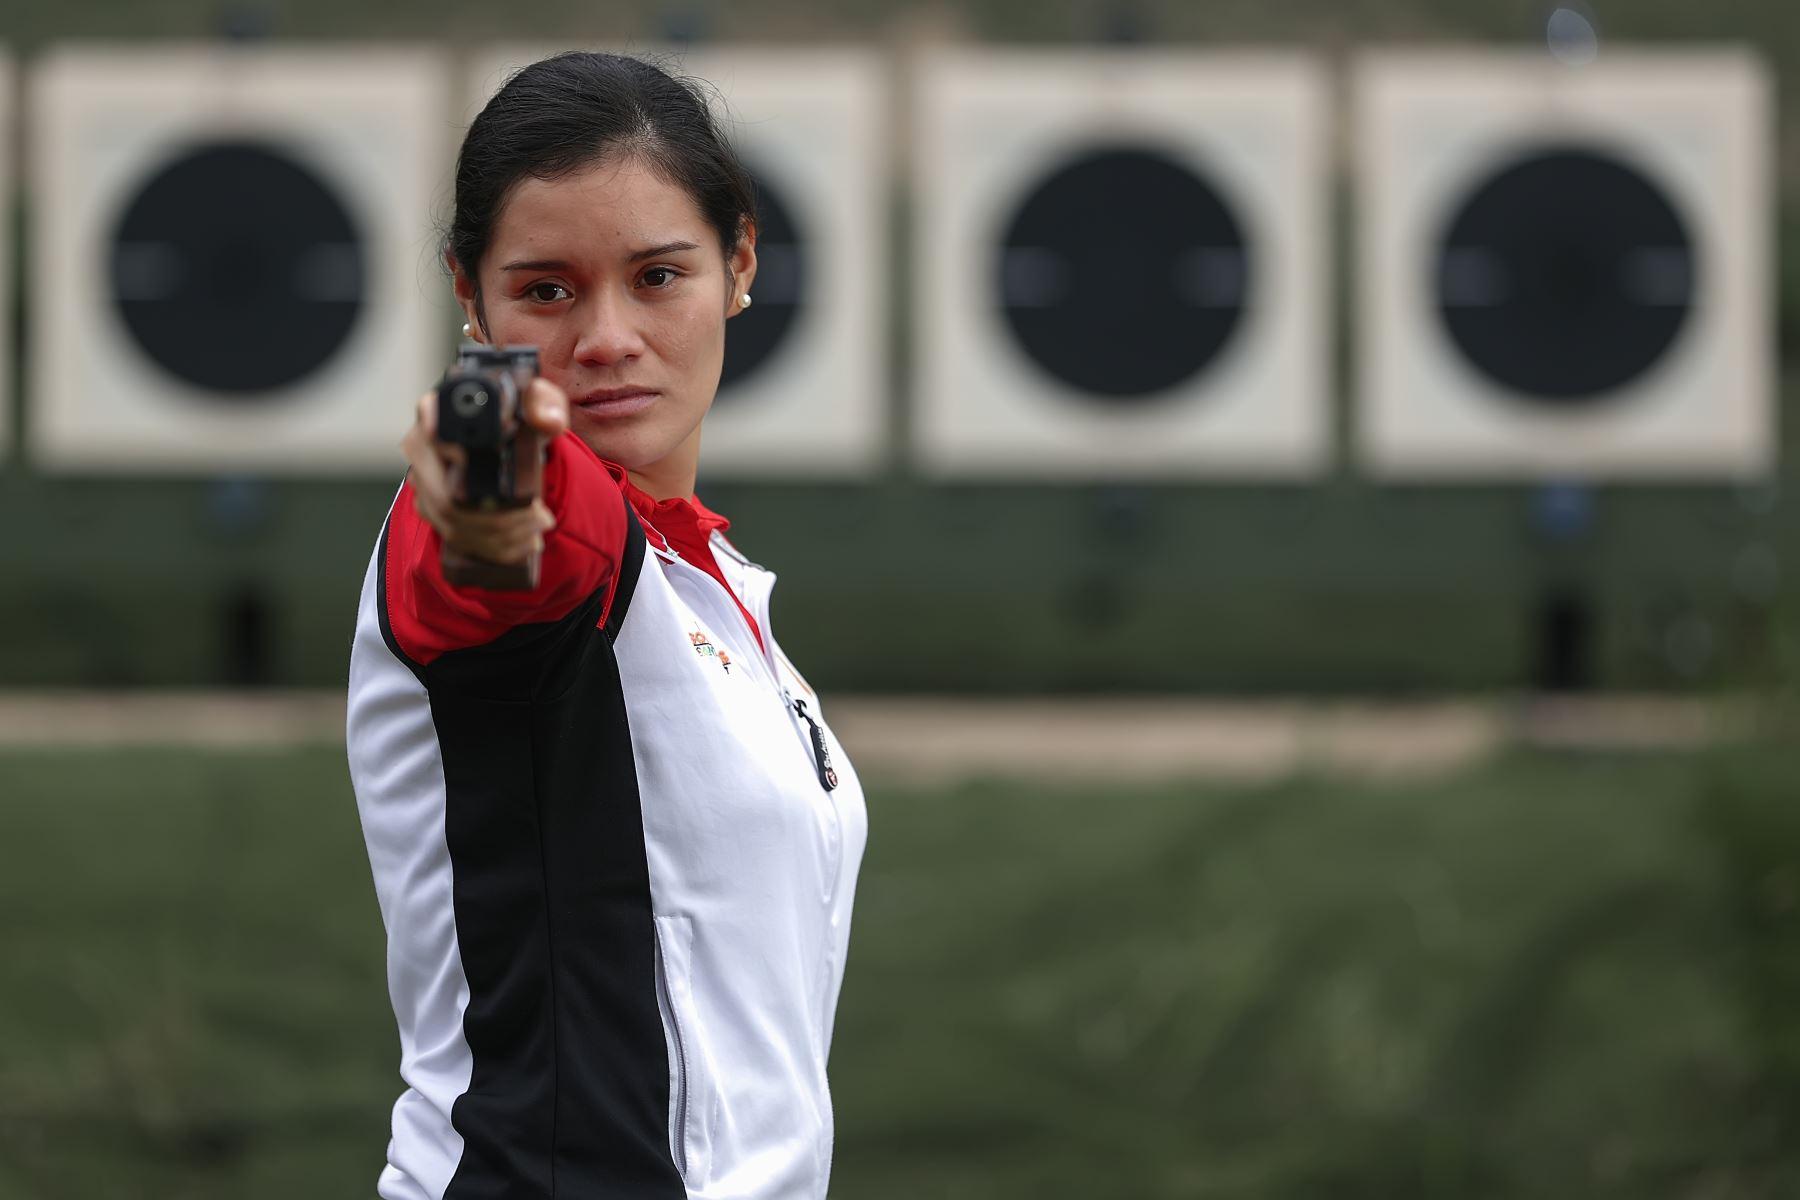 Deportistas militares clasificados a los juegos Panamericanos Lima 2019. Los deportistas compiten en pentatlón moderno, tiro, judo, esgrima, equitación, rugby 7 y paratletismo. Foto:MINDEF